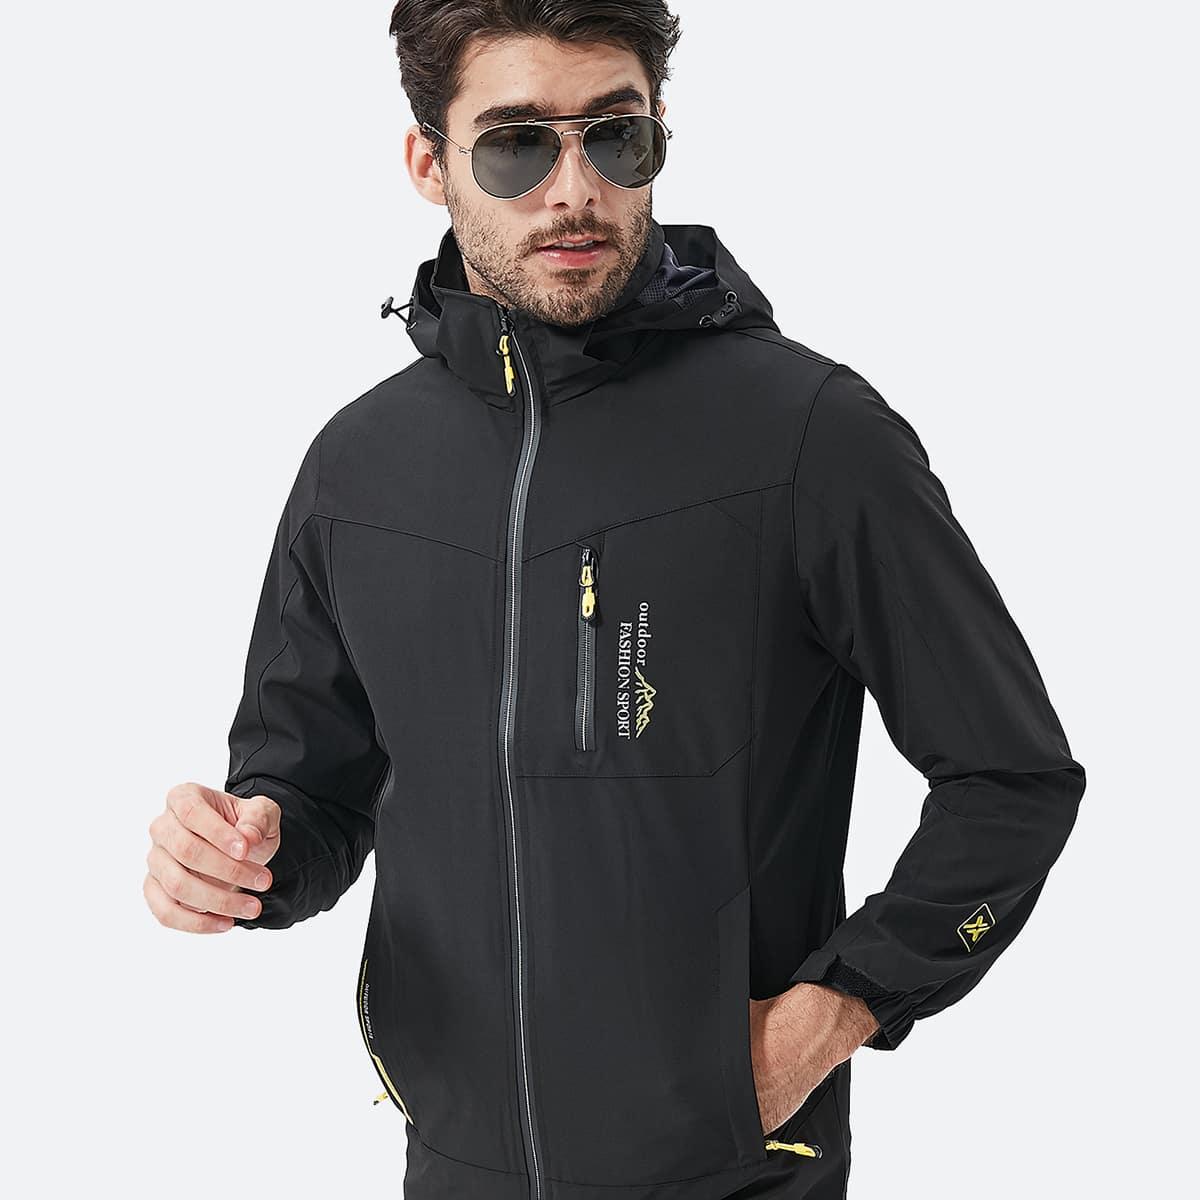 Мужская спортивная куртка на молнии с текстовым